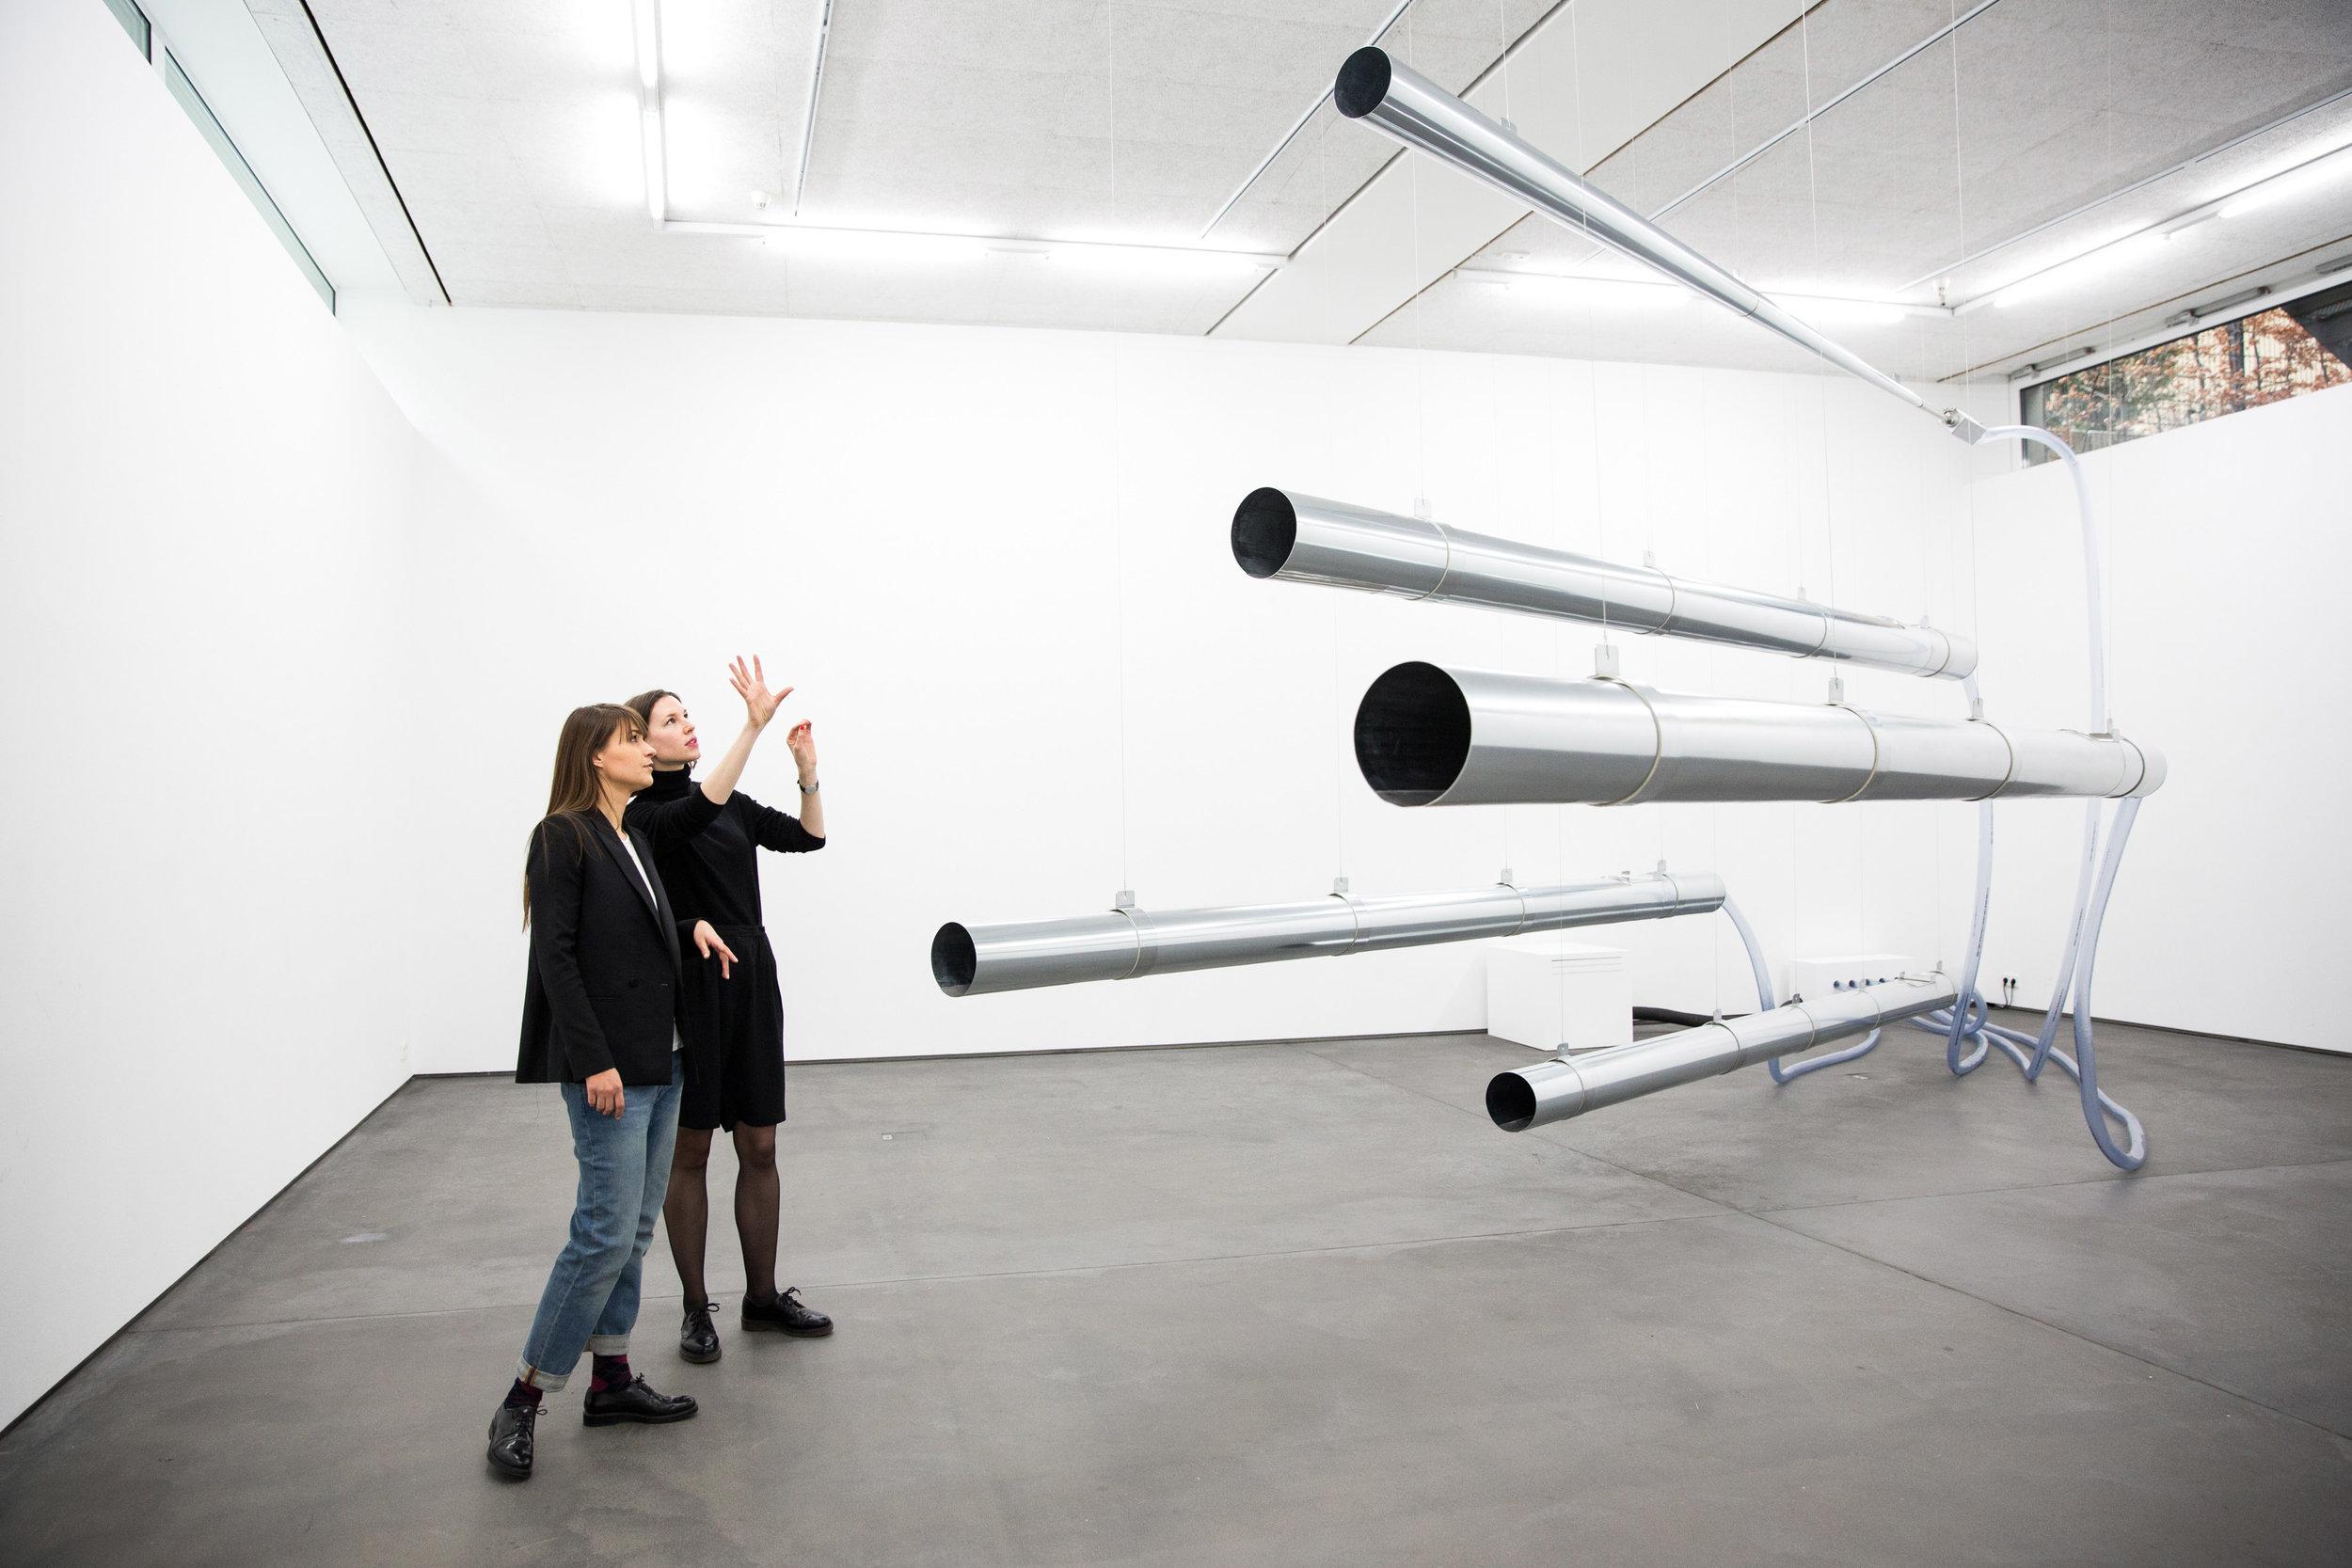 Das Numen Meatus in der Galerie DITTRICH & SCHLECHTRIEM, Berlin